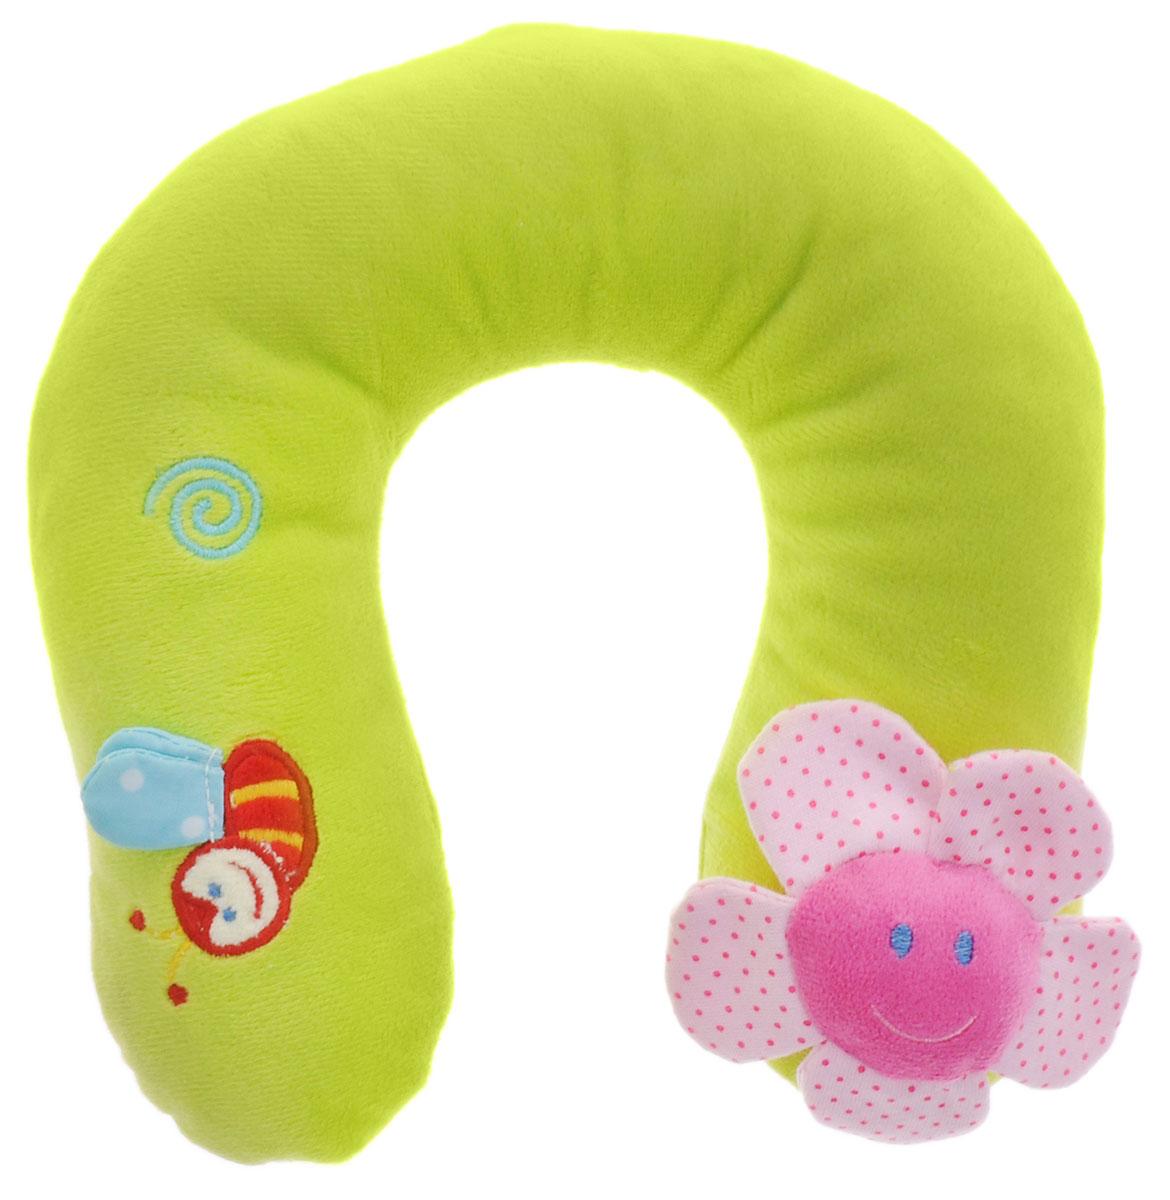 Жирафики Развивающая игрушка-подушка Цветок93496Развивающая игрушка-подушка Жирафики Цветок выполнена из материалов различной фактуры. Удобная игрушка-подушка создана специально для малышей. Подложив подушку под голову, можно вздремнуть, а проснувшись, поиграть с ней. У цветочка шуршат лепестки, а у пчелки - крылышки. Играя, ребенок развивает мелкую моторику рук и тактильные ощущения.